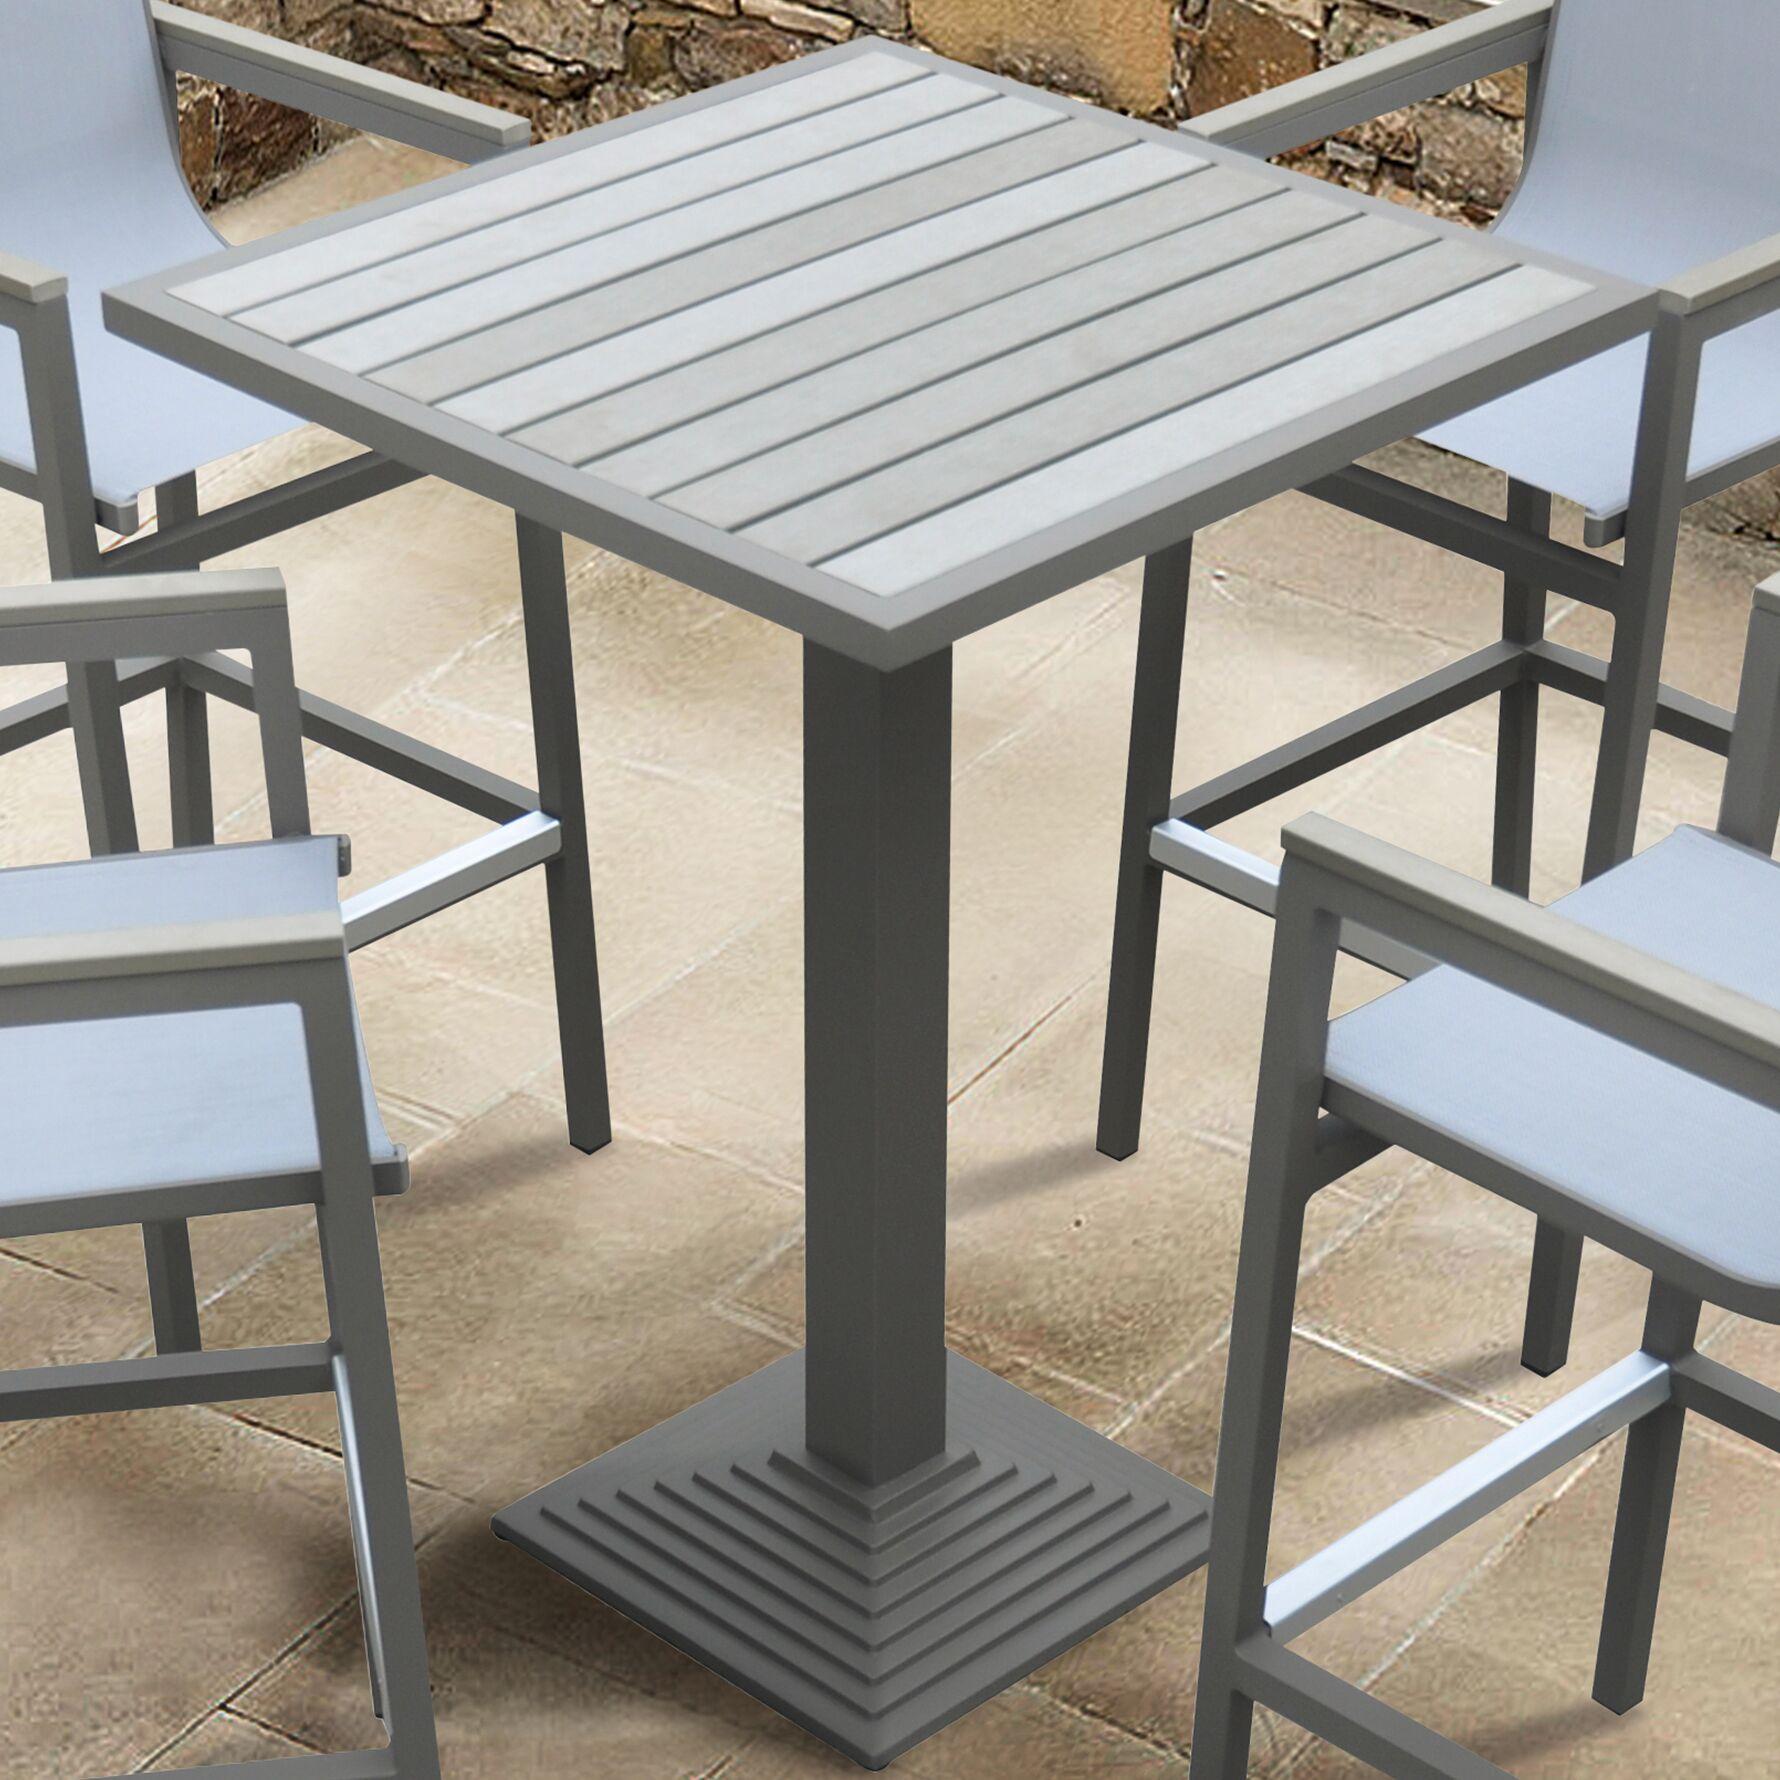 Loughnane Outdoor Bar Table